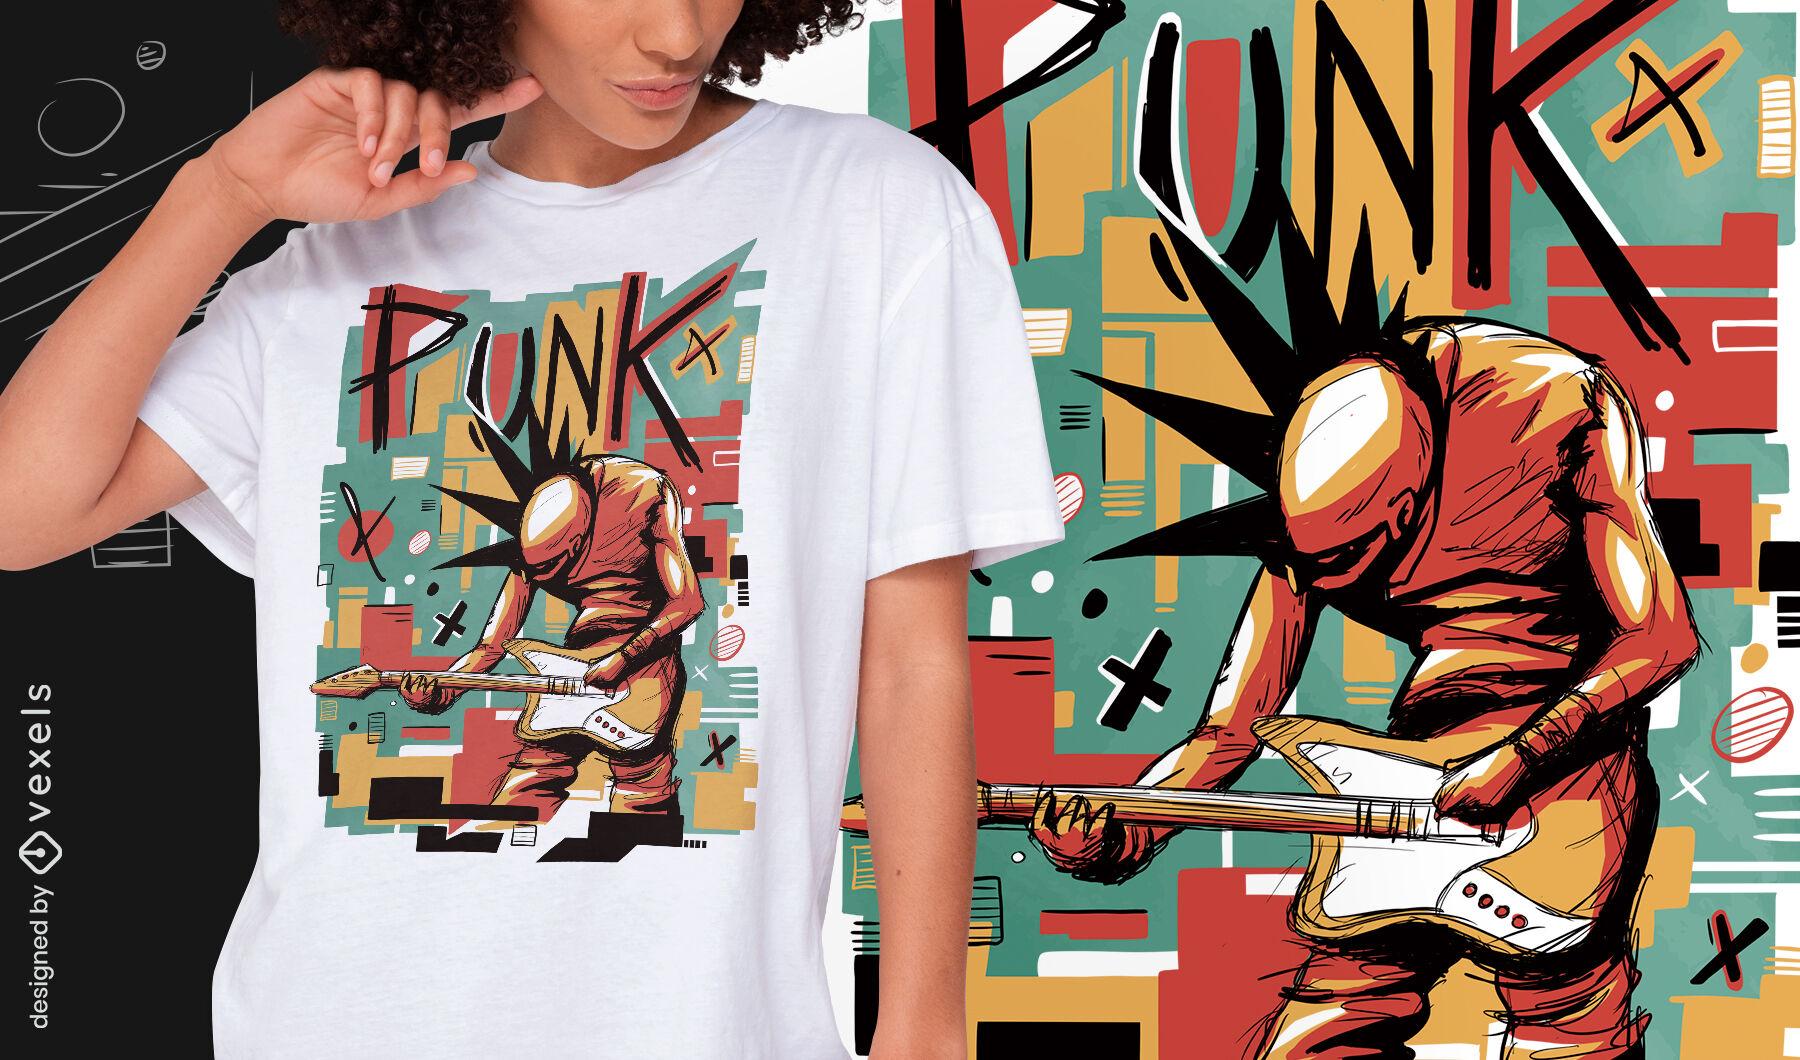 Camiseta psd abstracta de músico punk